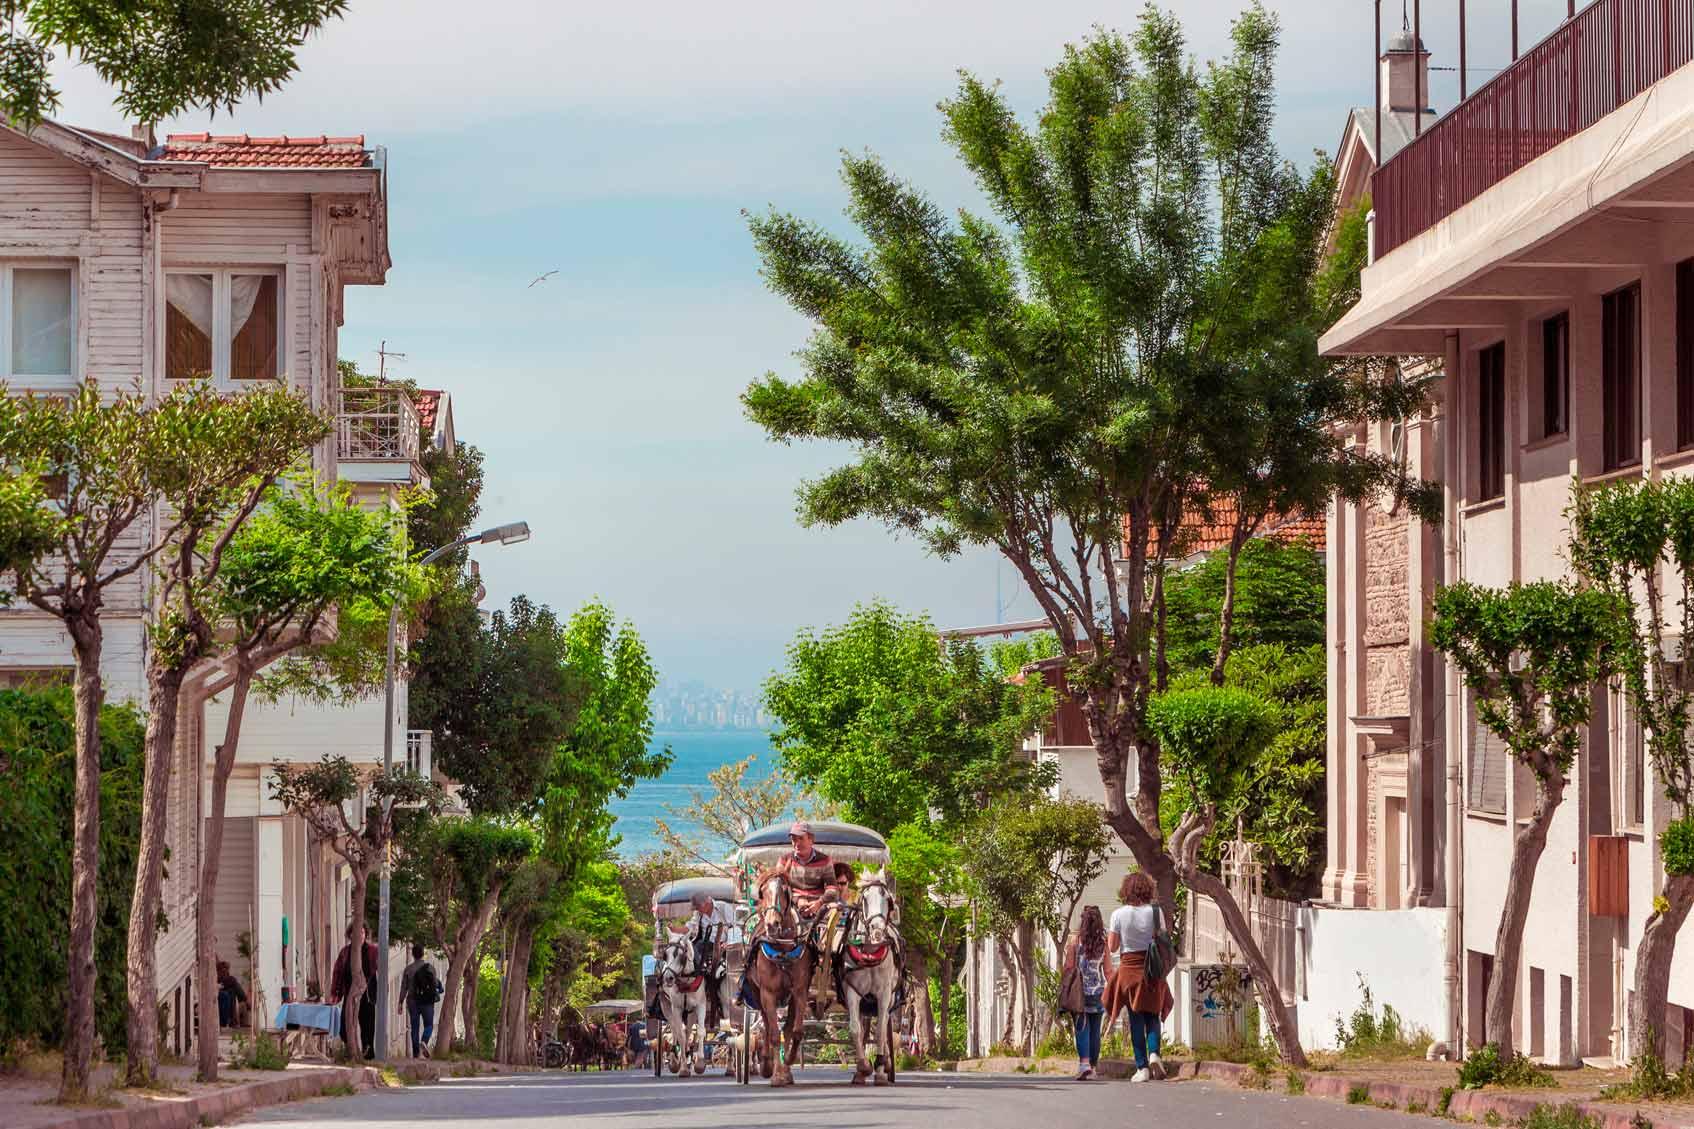 Принцевы острова или Кызыл Адалар, Бююкада, Стамбул, Турция.